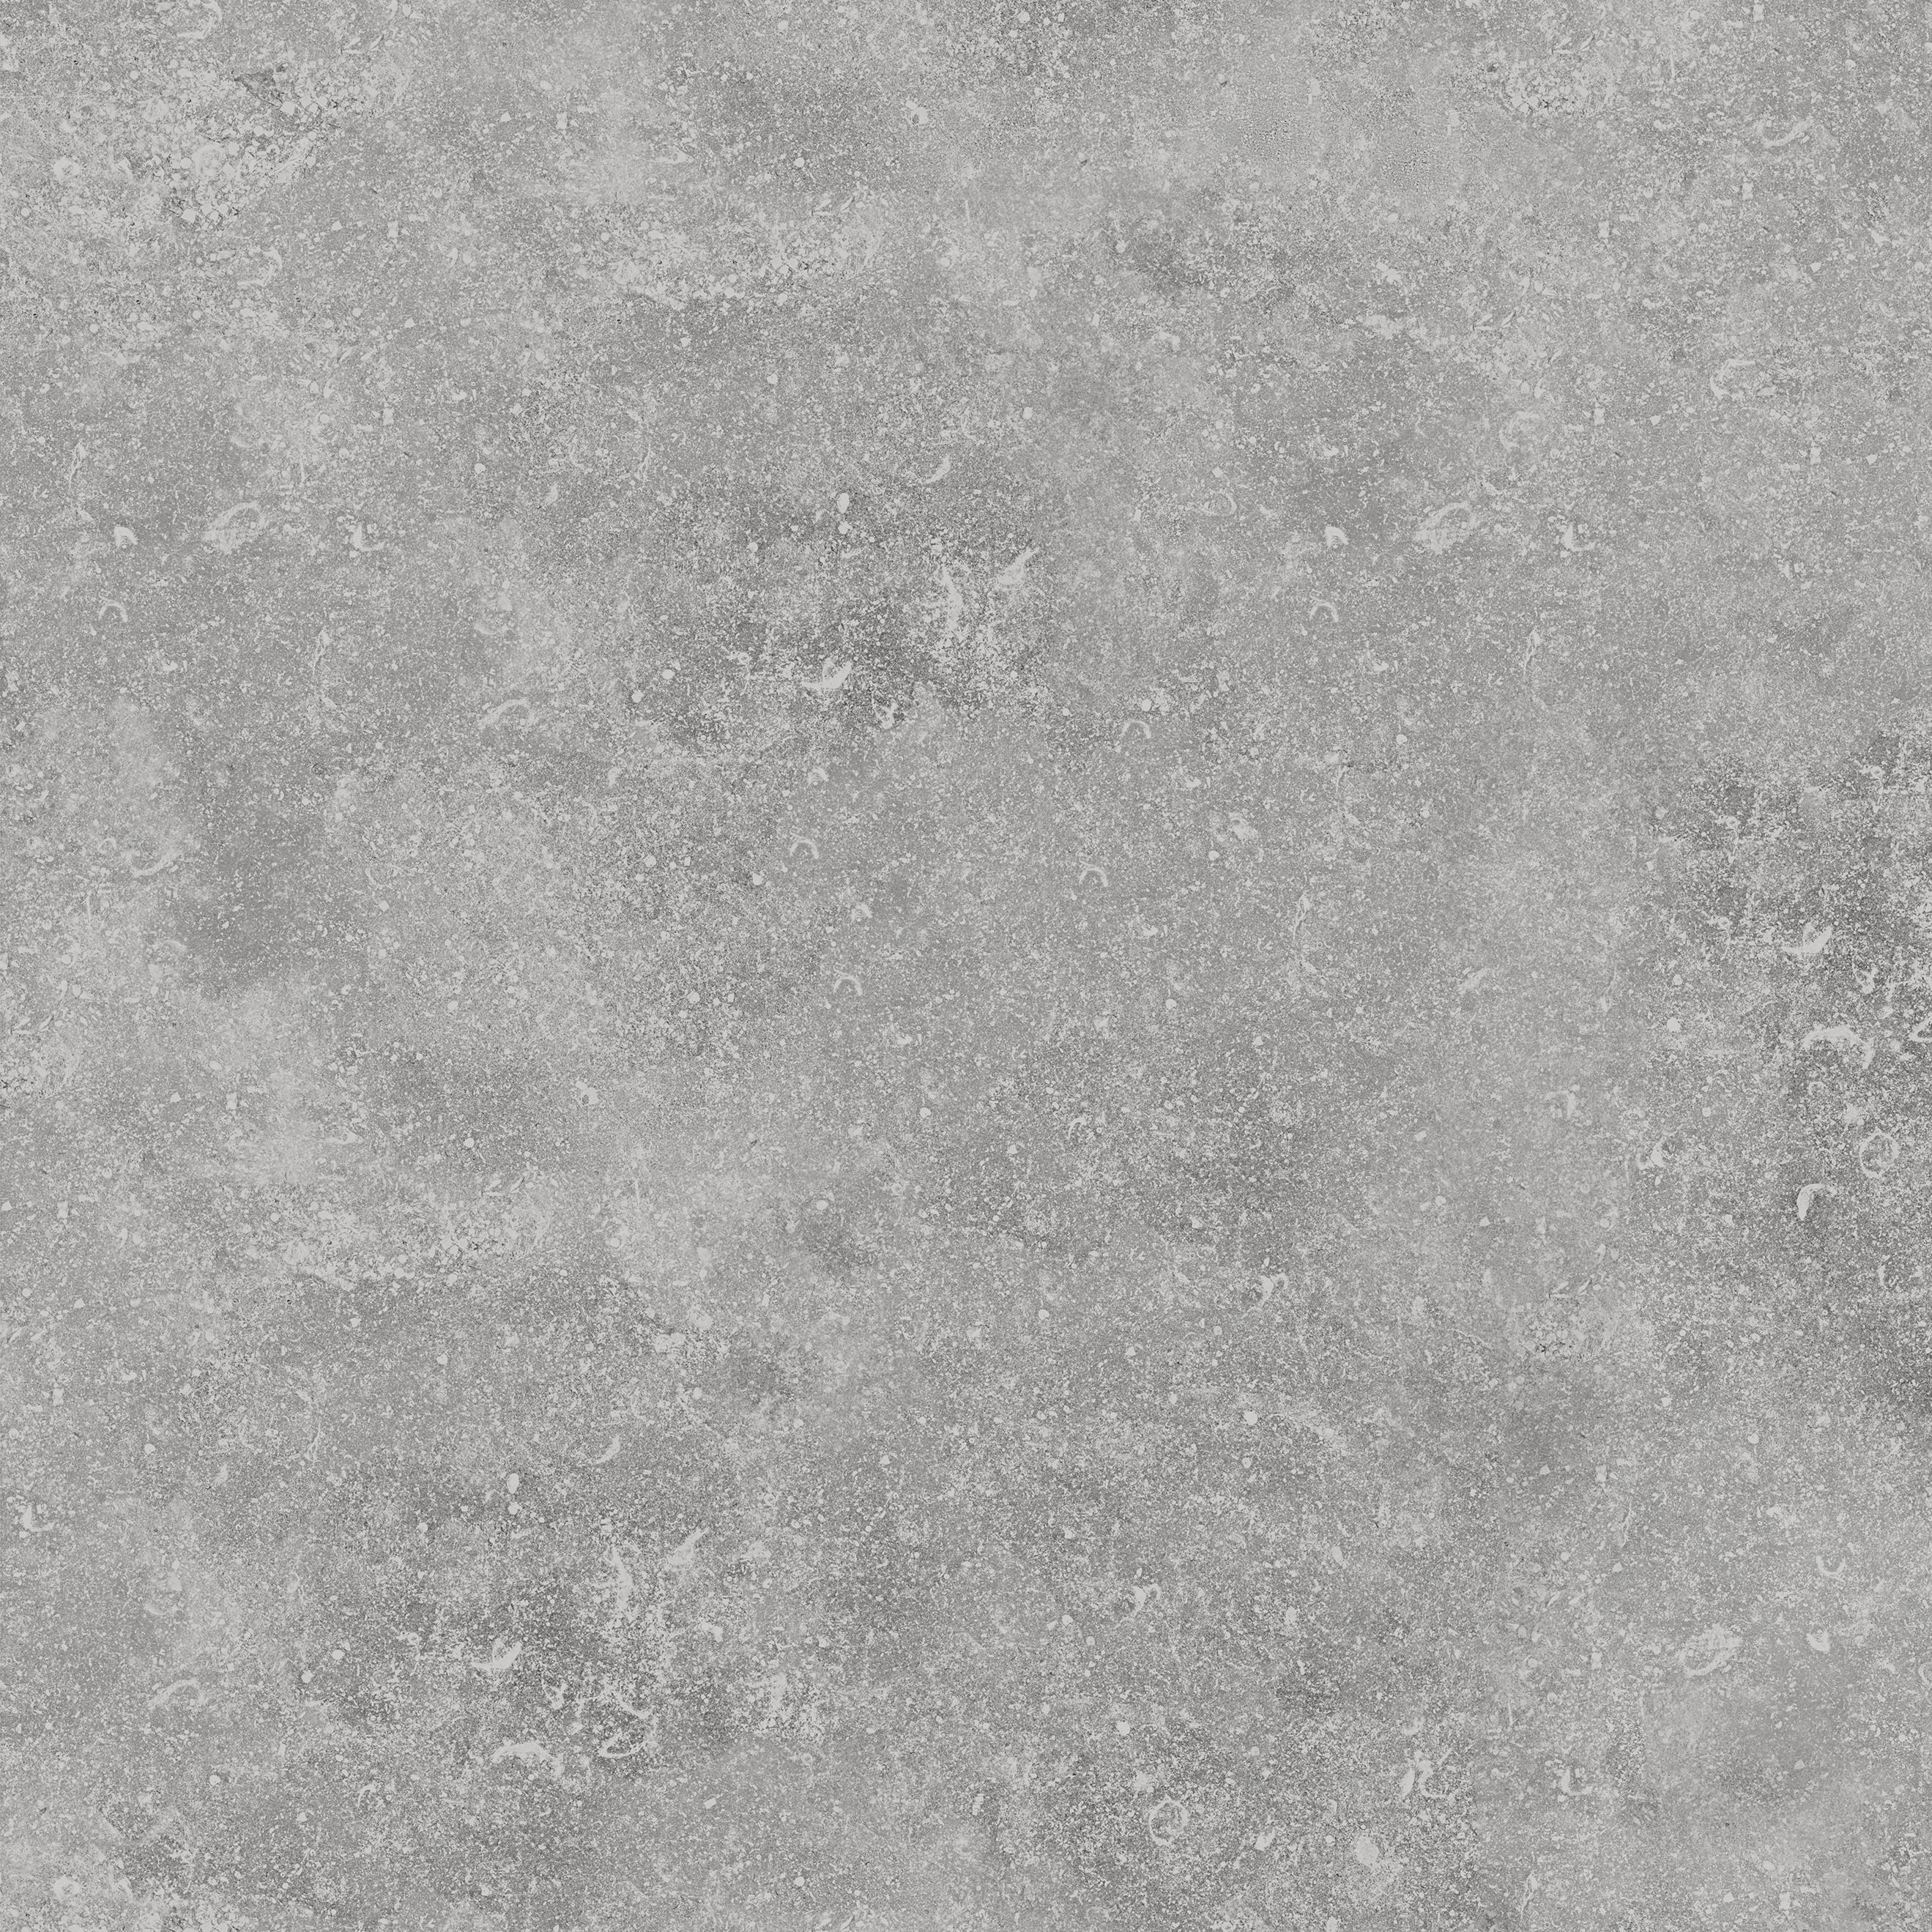 Benelux grey 60,5x60,5x2cm R11 II sort - Hansas Plaadimaailm